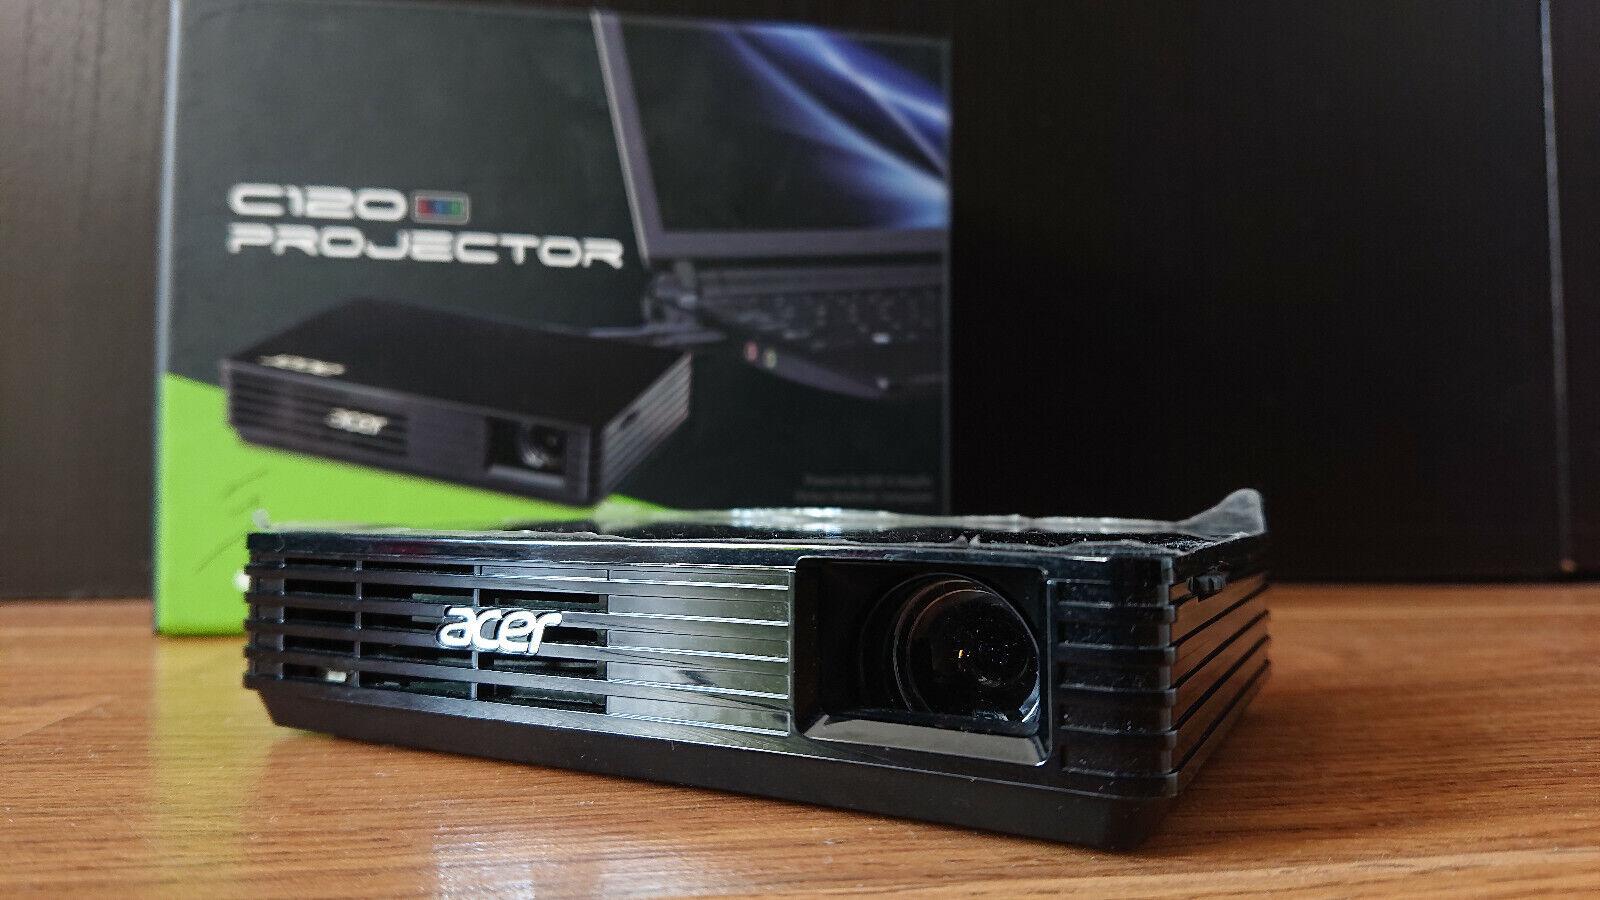 Vidéo-projecteur acer c120  dlp 854 x 480